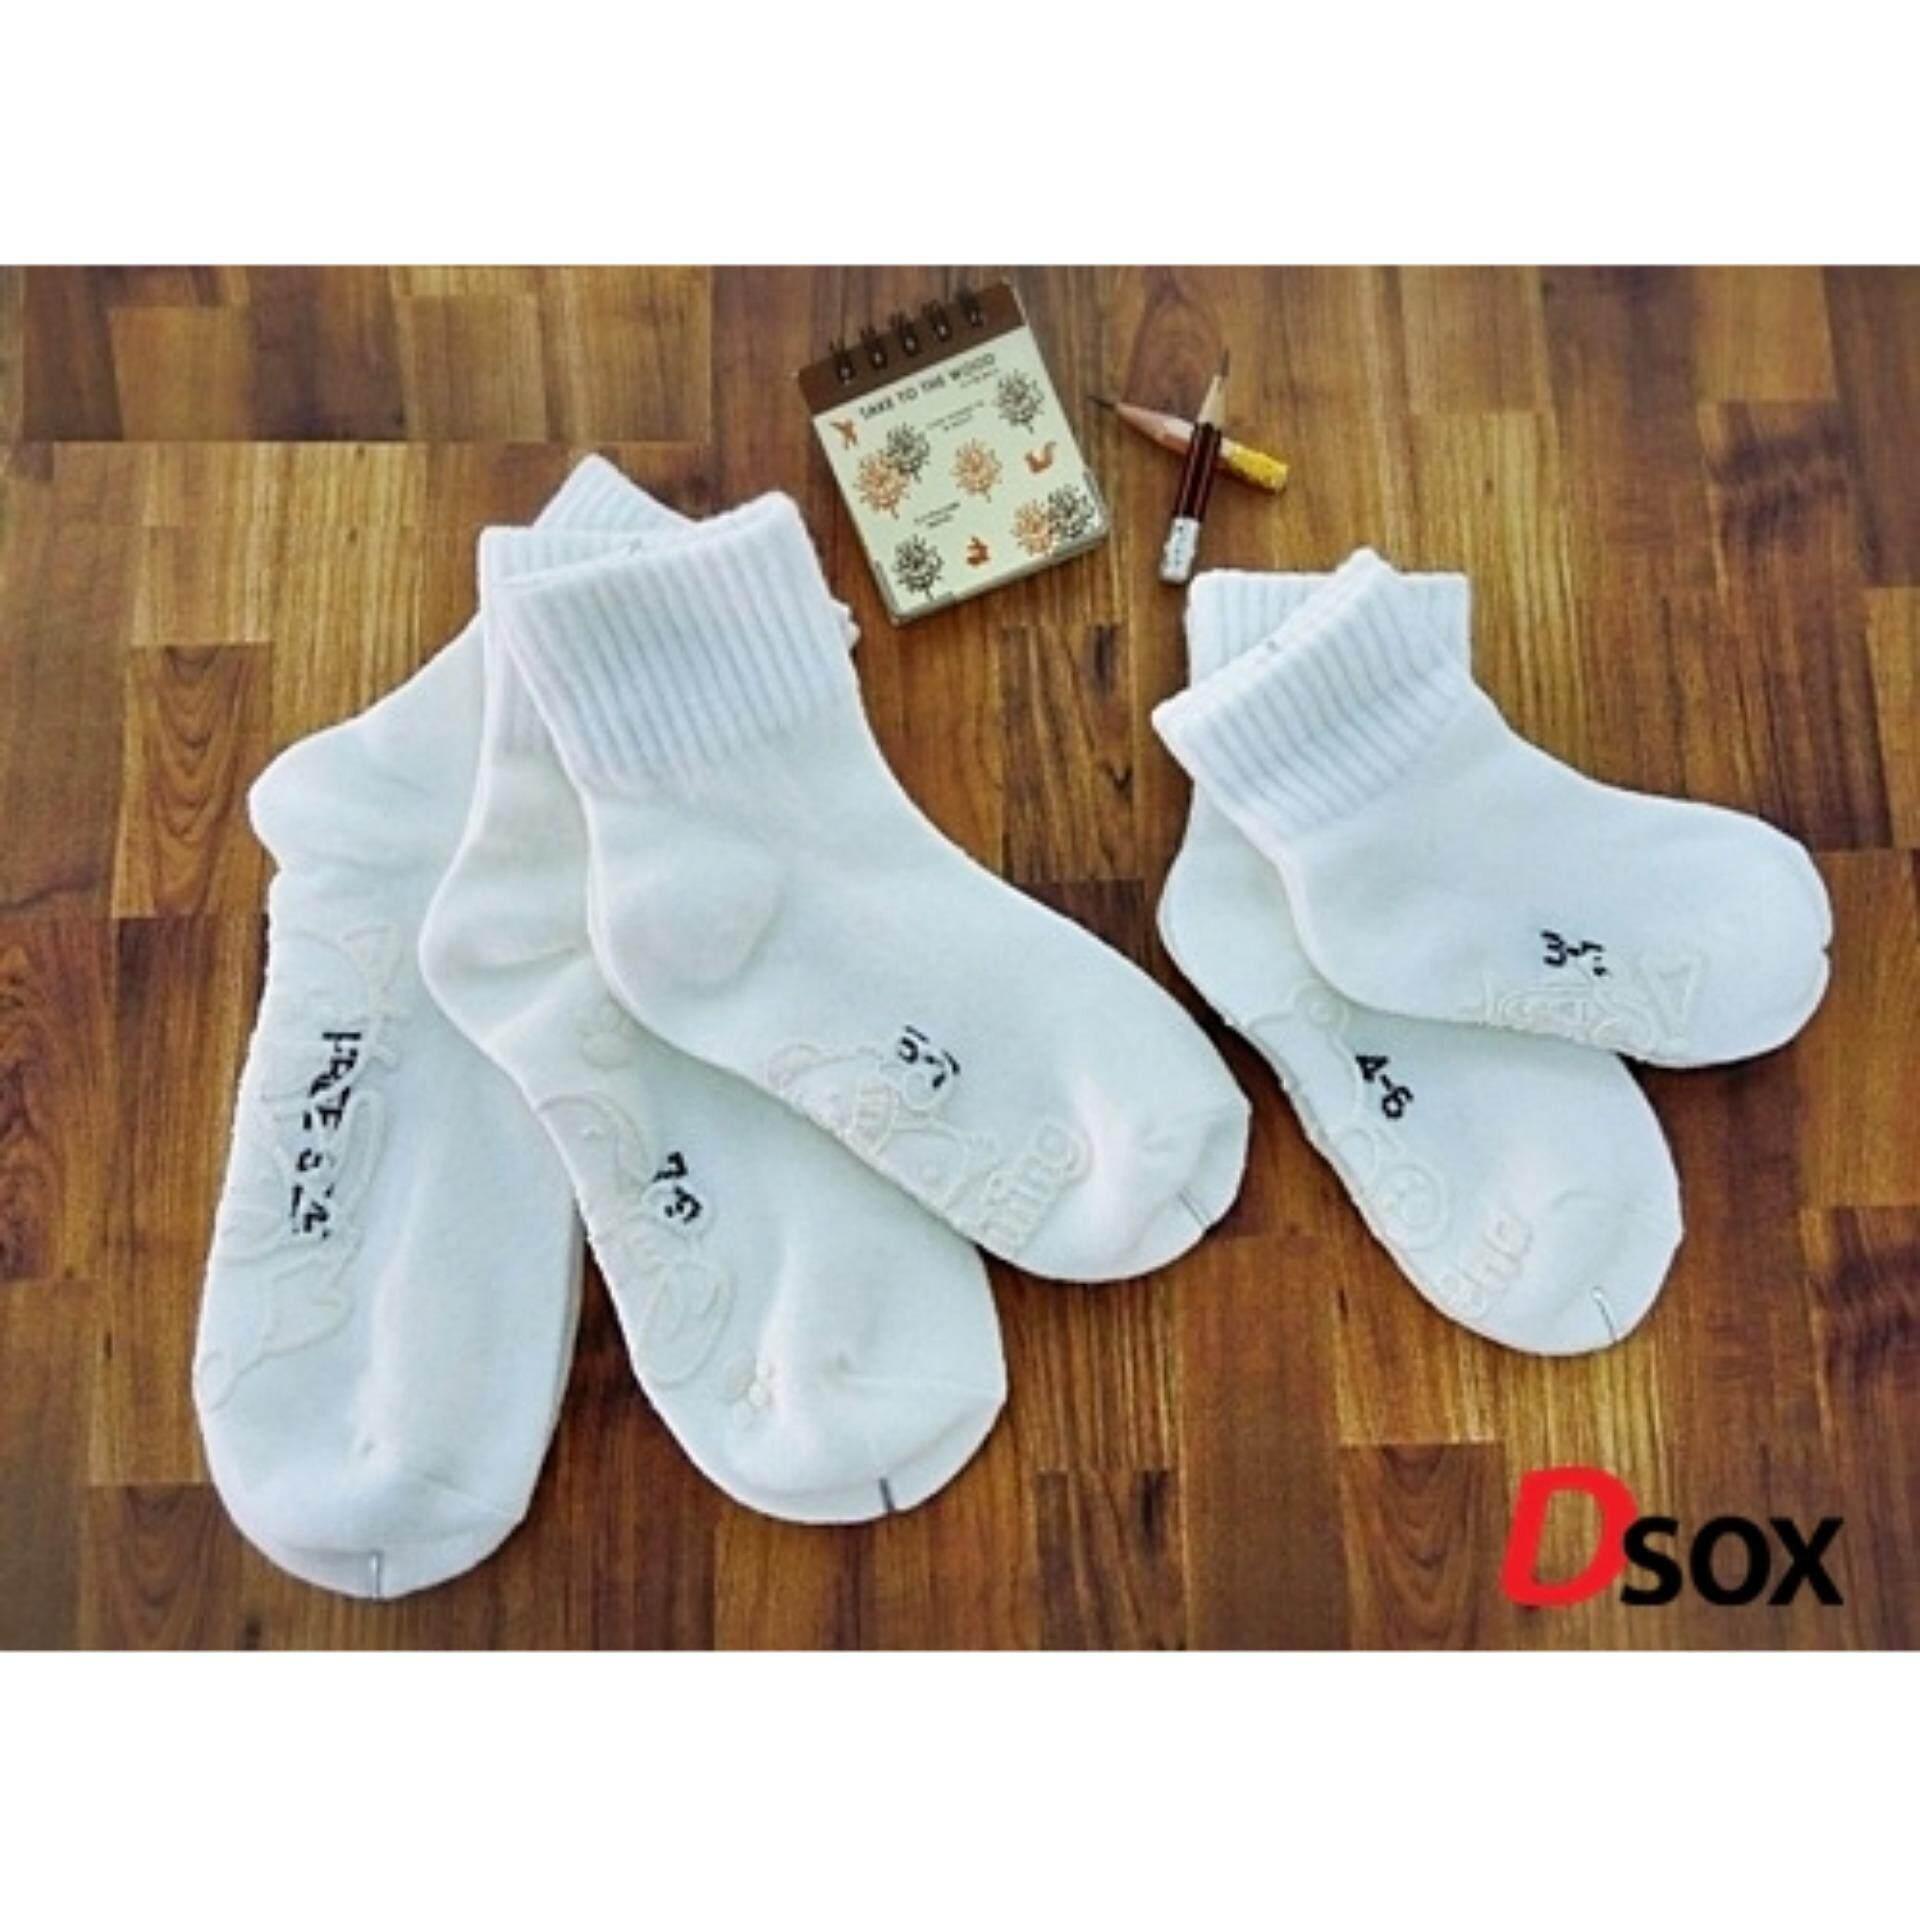 ส่วนลด สินค้า Dsox ถุงเท้านักเรียนกันลื่น ไซส์ 3 5 ปี แพ็ค 12 คู่ สีขาว